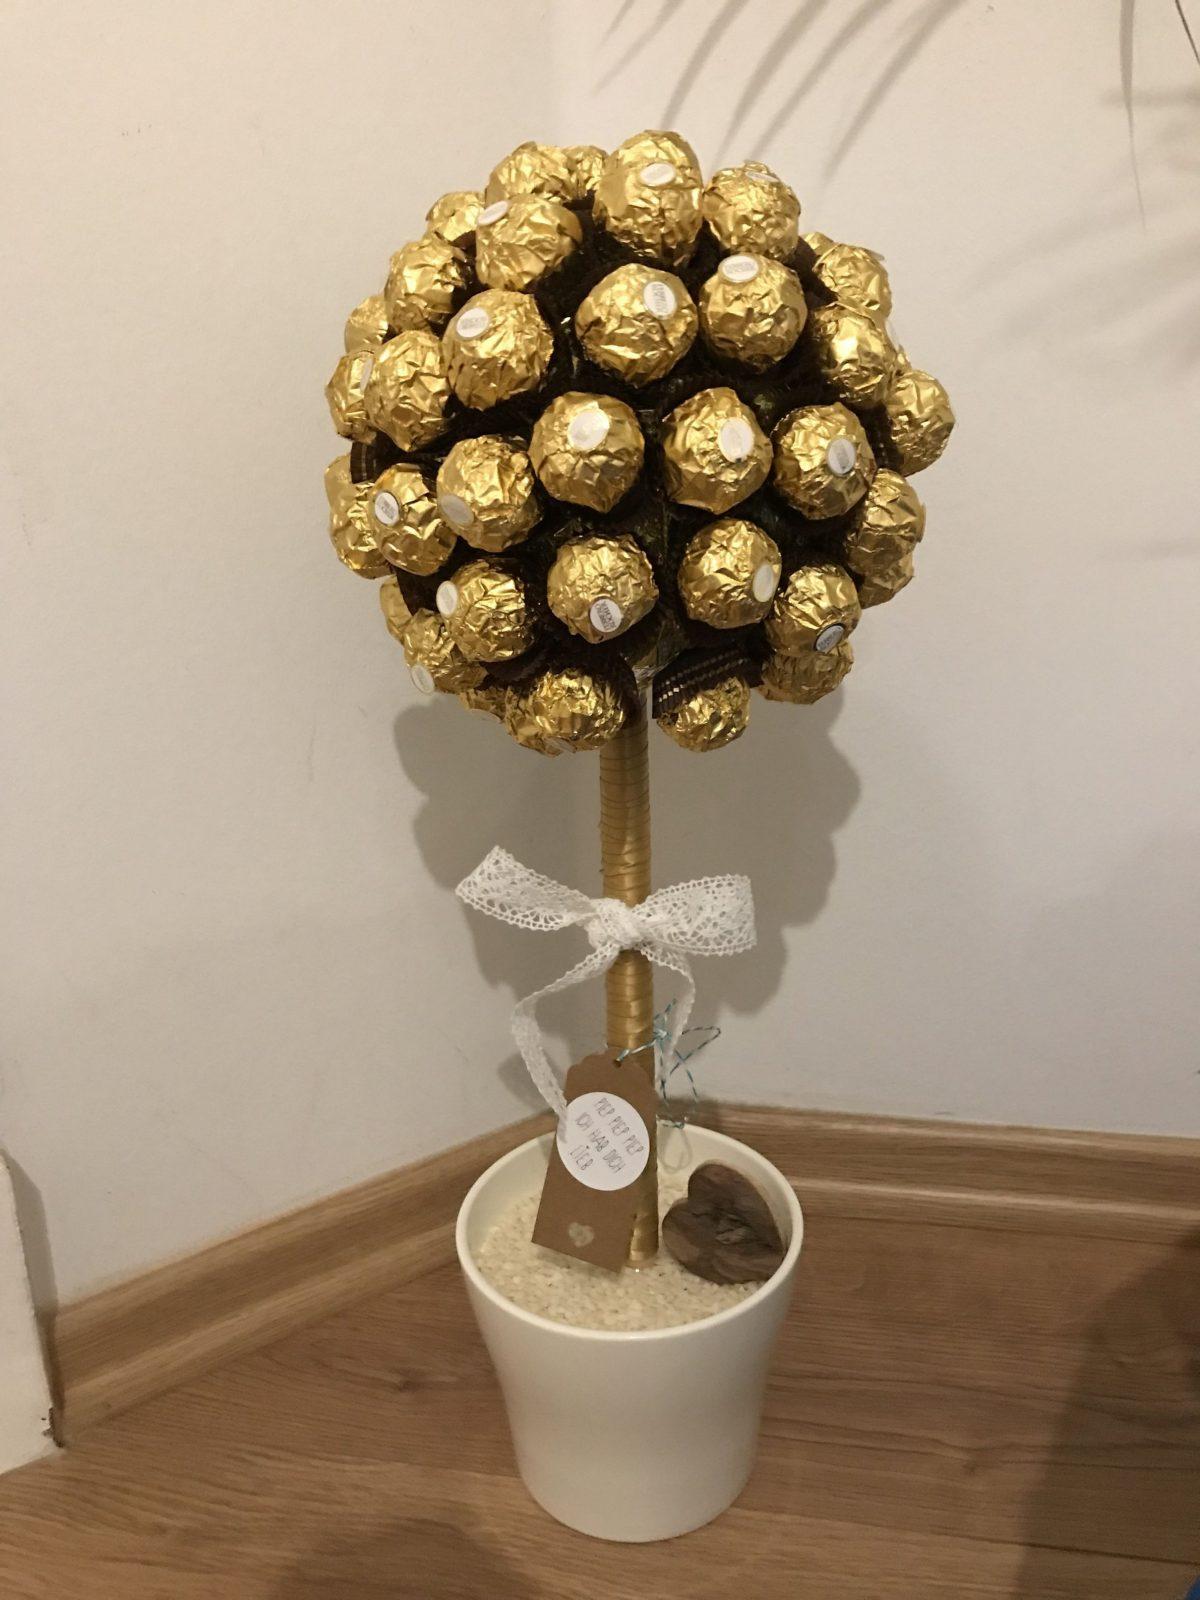 Ferrero Rocher Baum Selber Basteln Perfekt Für Geburtstag Oder Zur von Rocher Baum Basteln Anleitung Photo